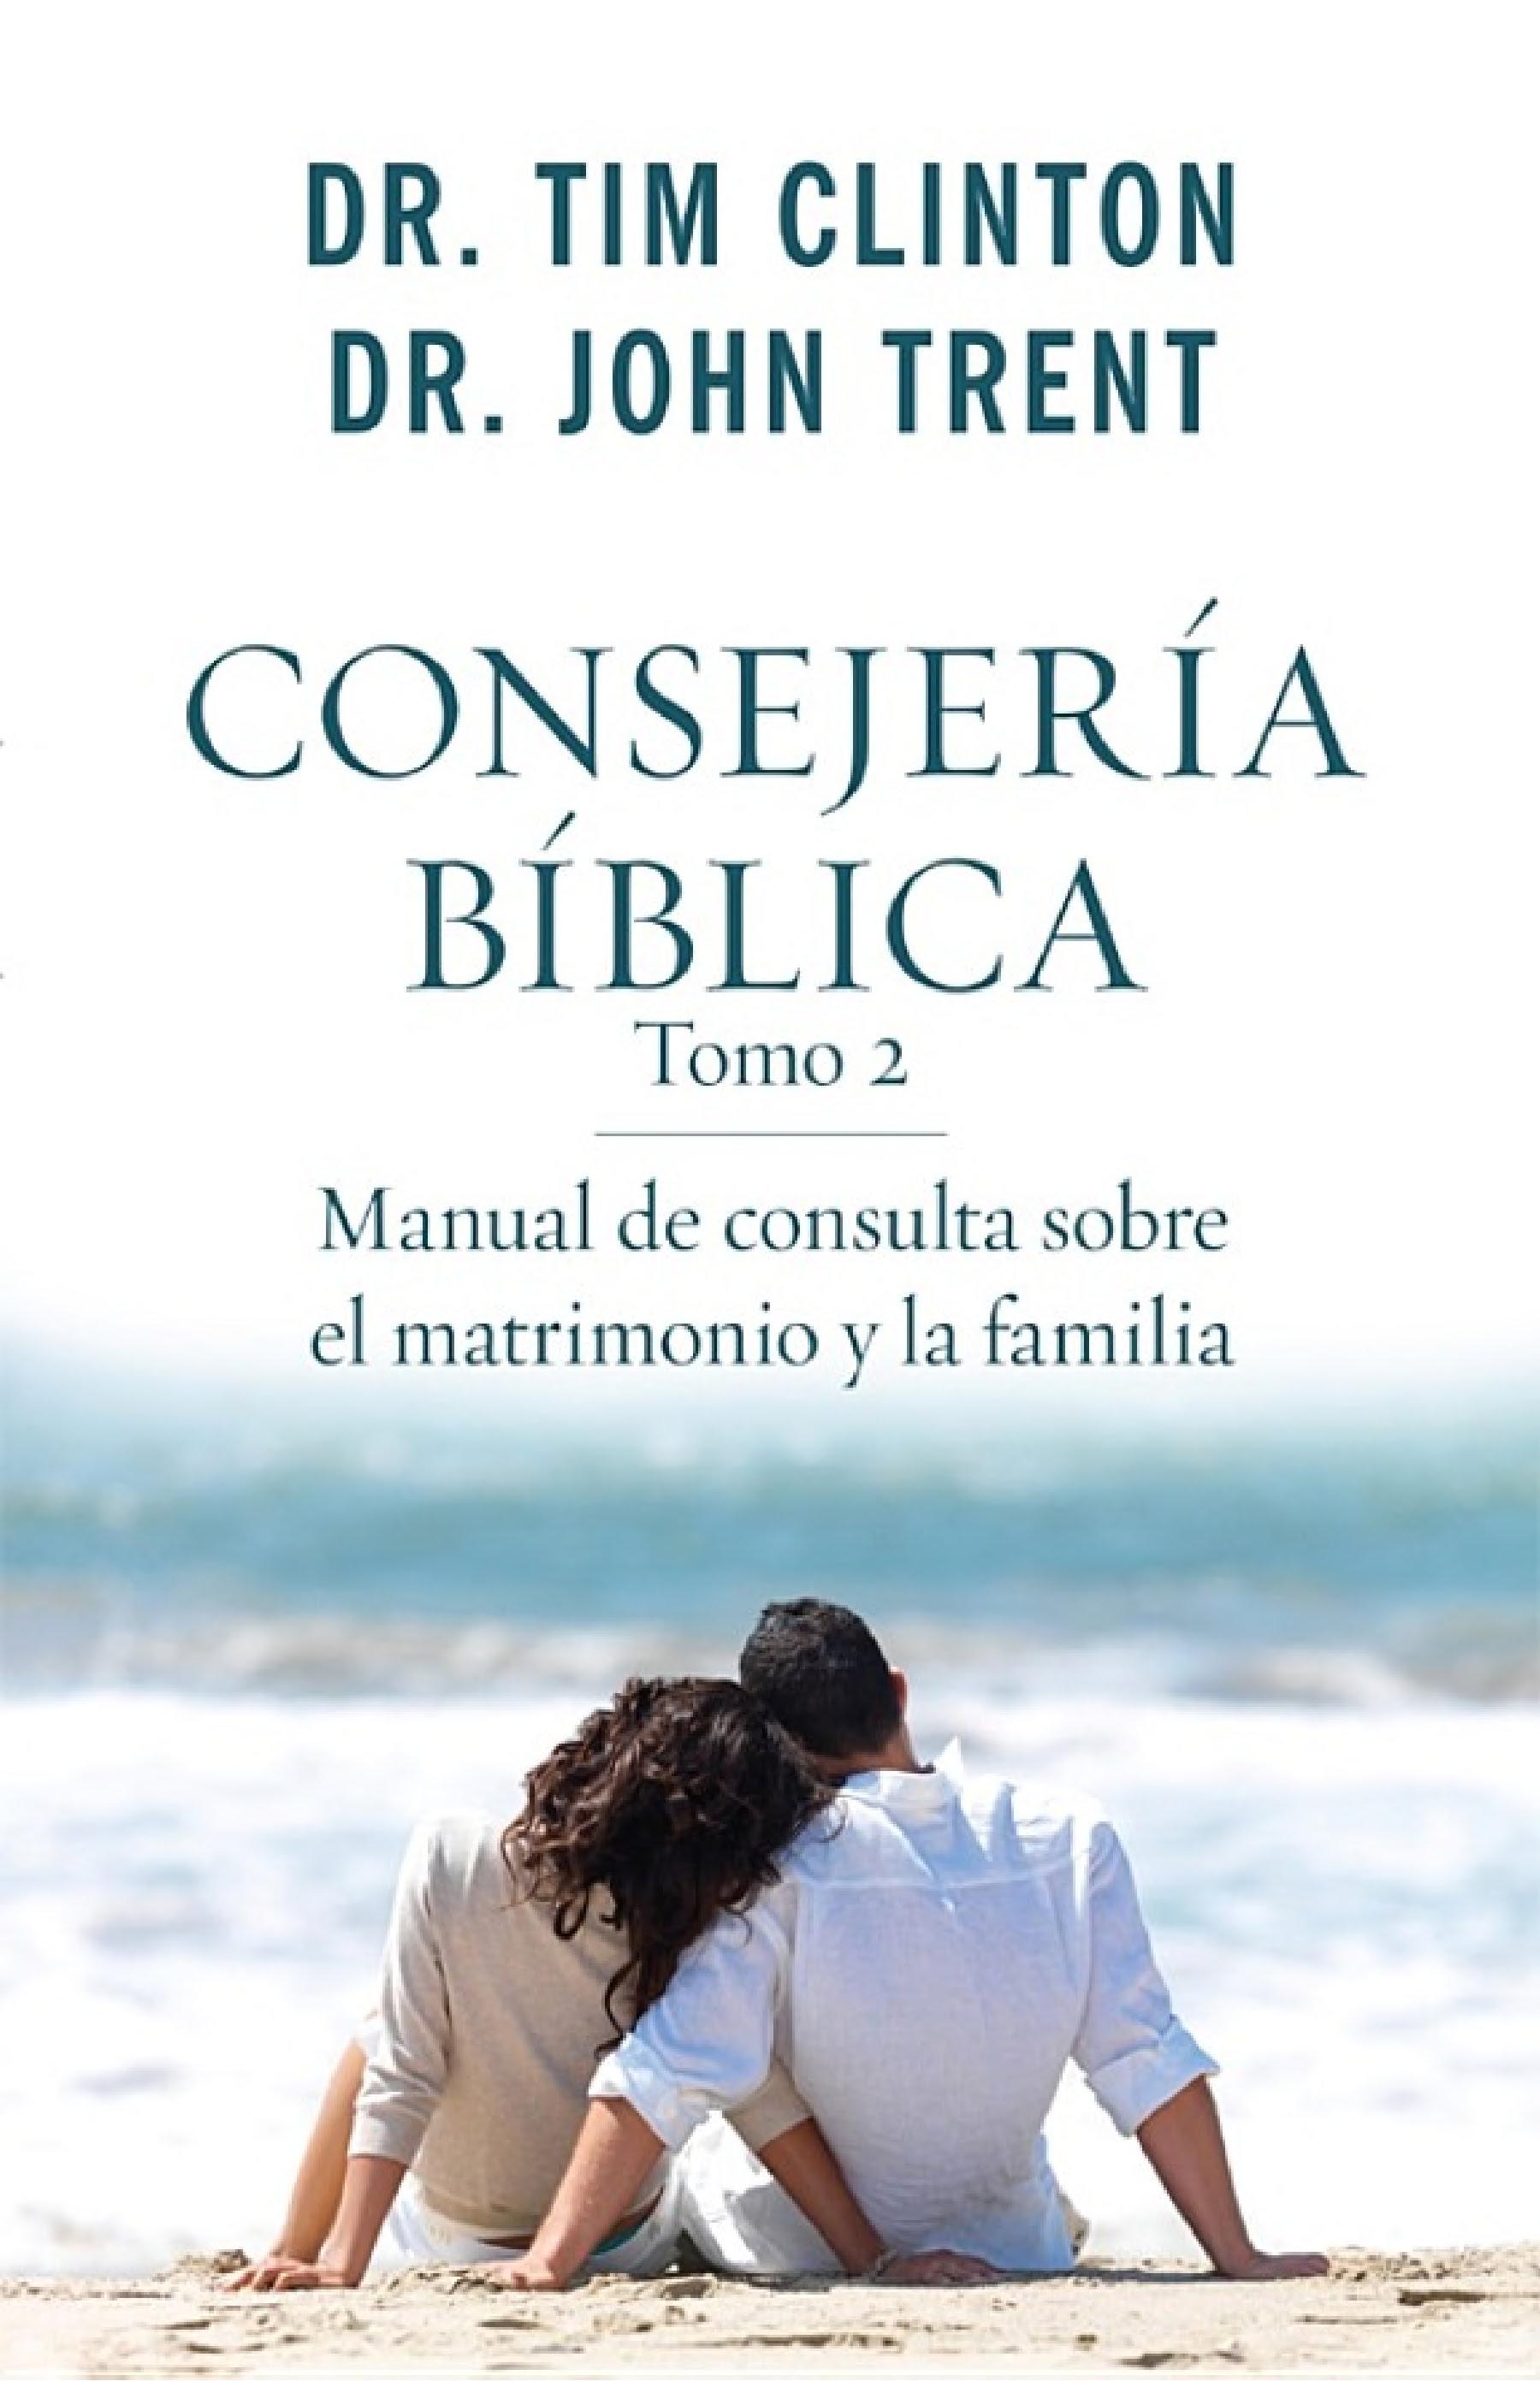 Consejería Bíblica tomo 2